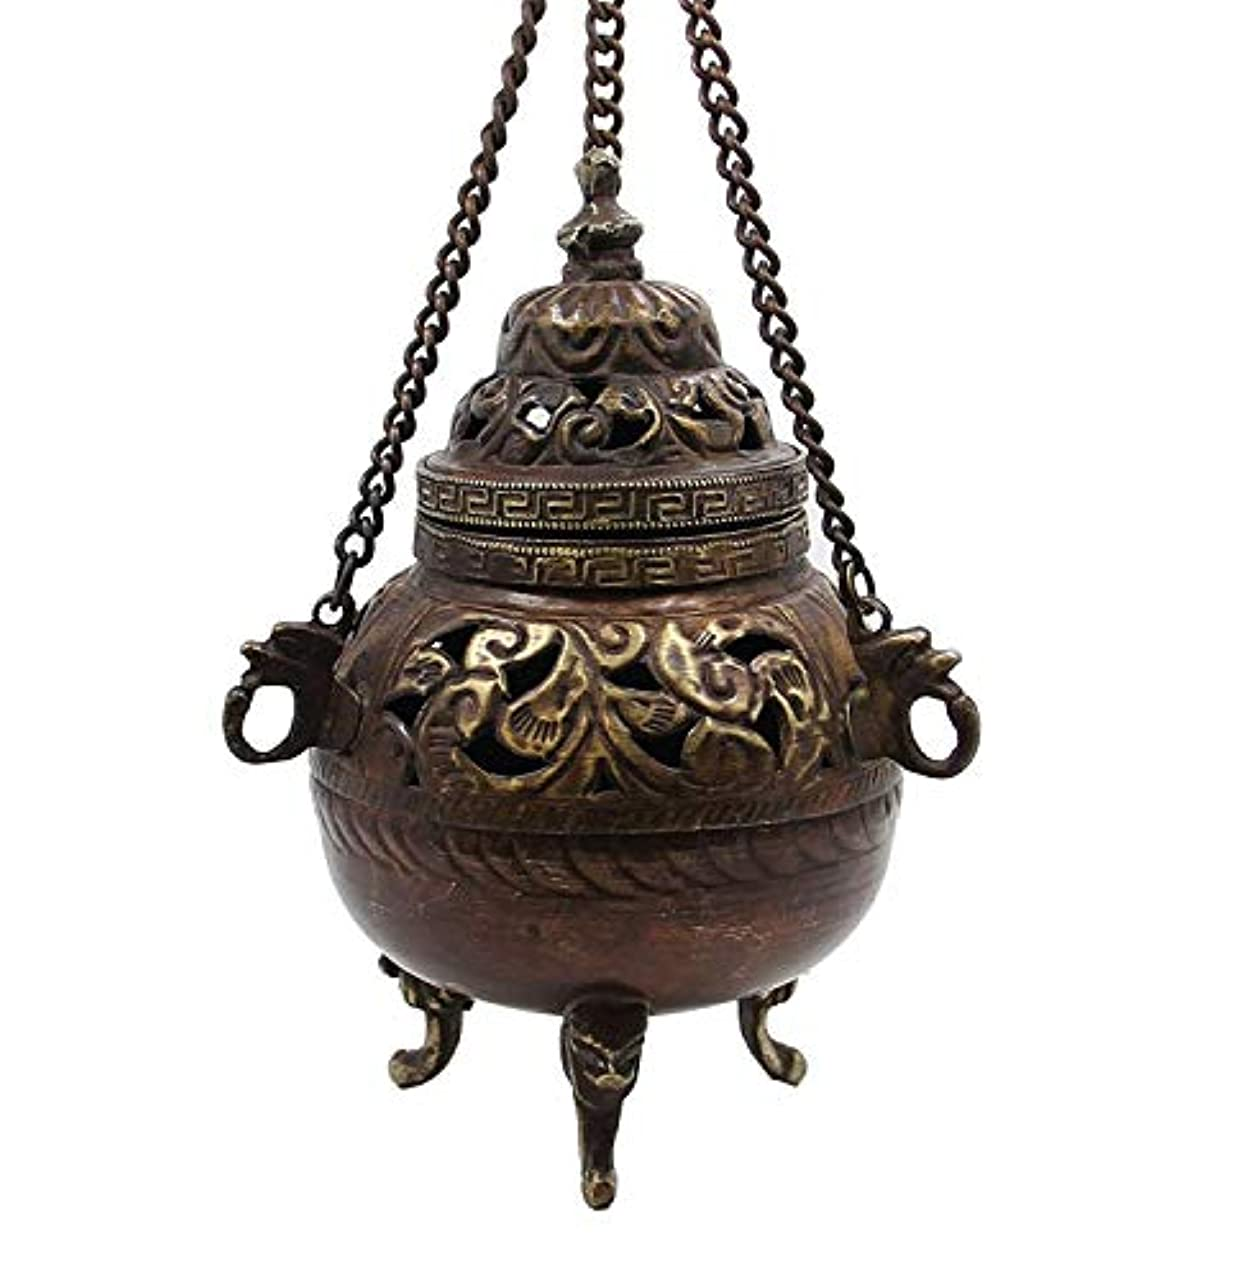 さておき激怒圧倒的チベット従来DharmaObjects Hanging香炉銅5 cm高